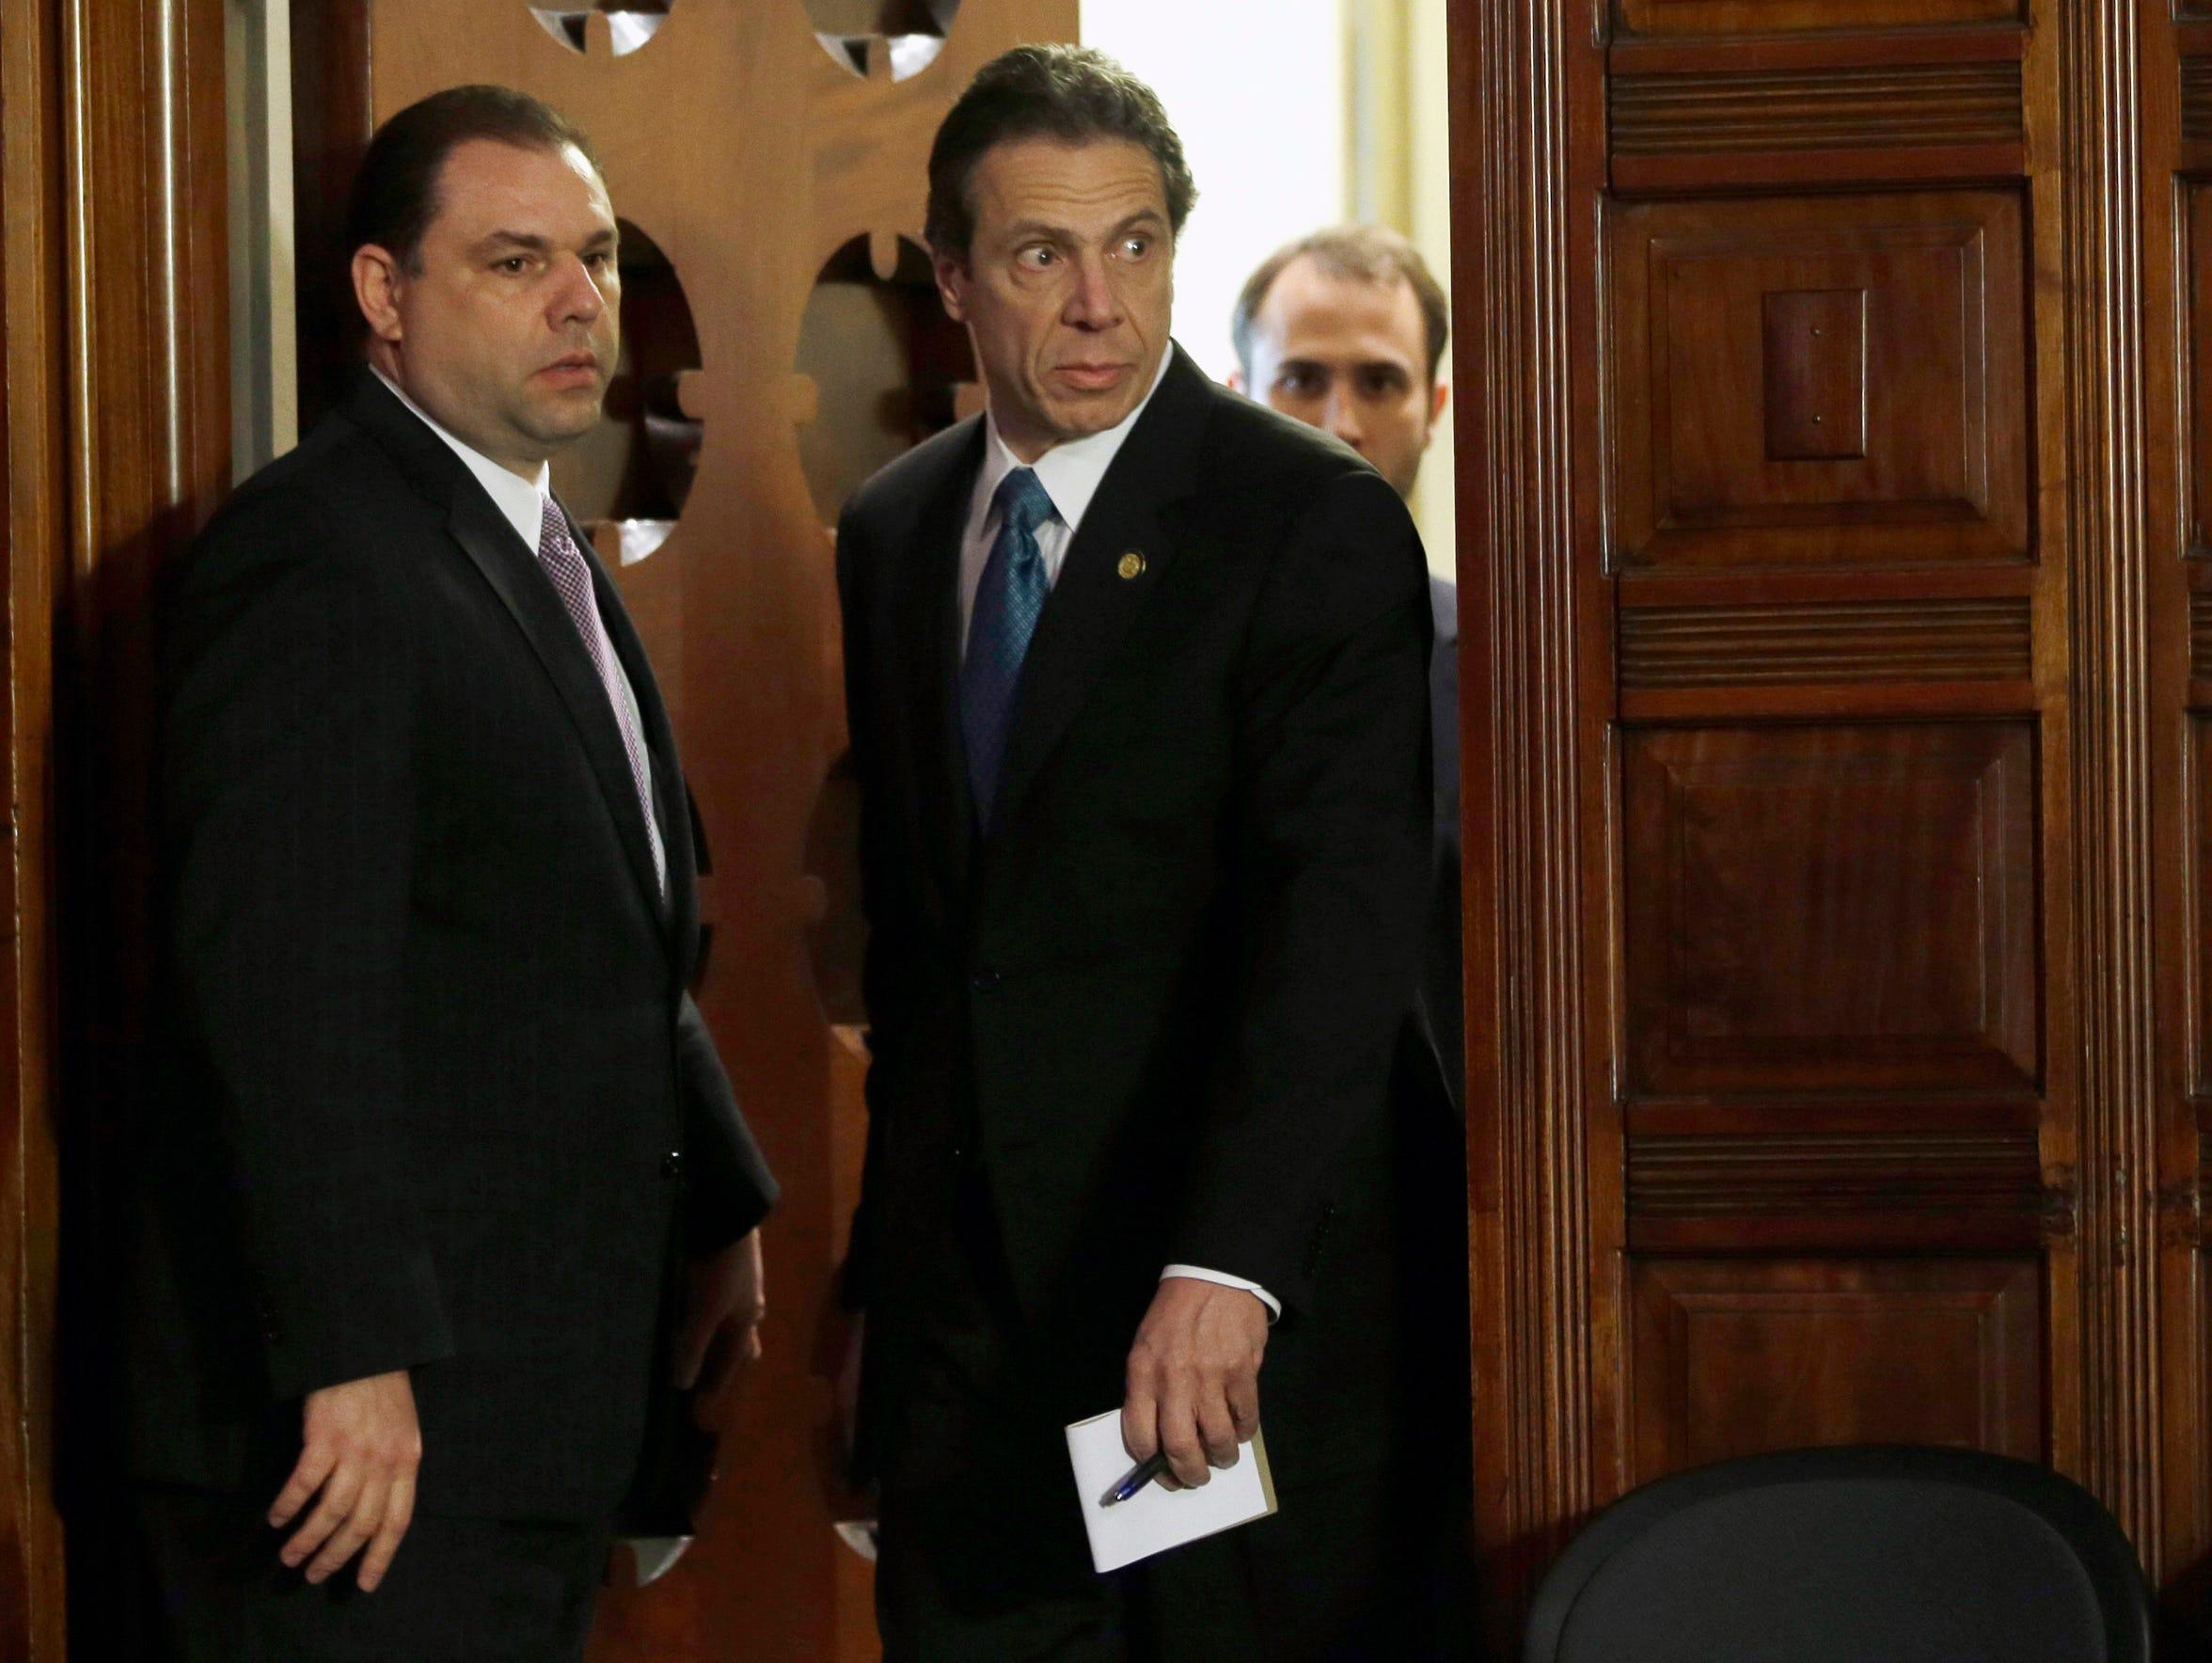 Gov. Andrew Cuomo's former top aide Joseph Percoco